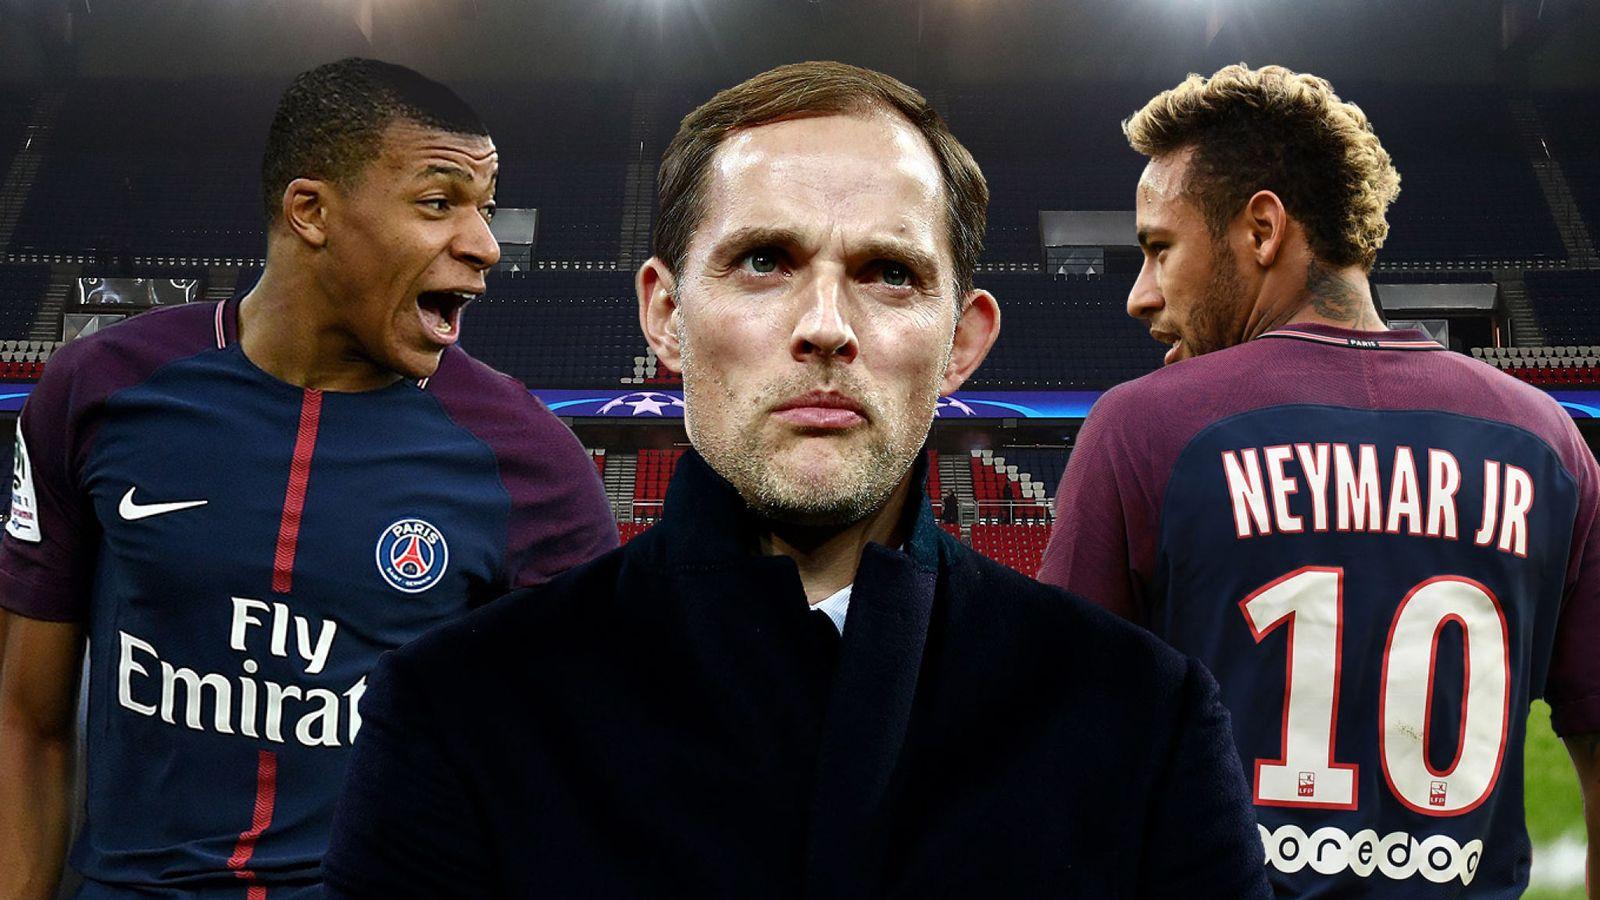 Mercato - interrogé sur l'avenir de Mbappé et de Neymar, Tuchel explique ne pas vouloir être naïf